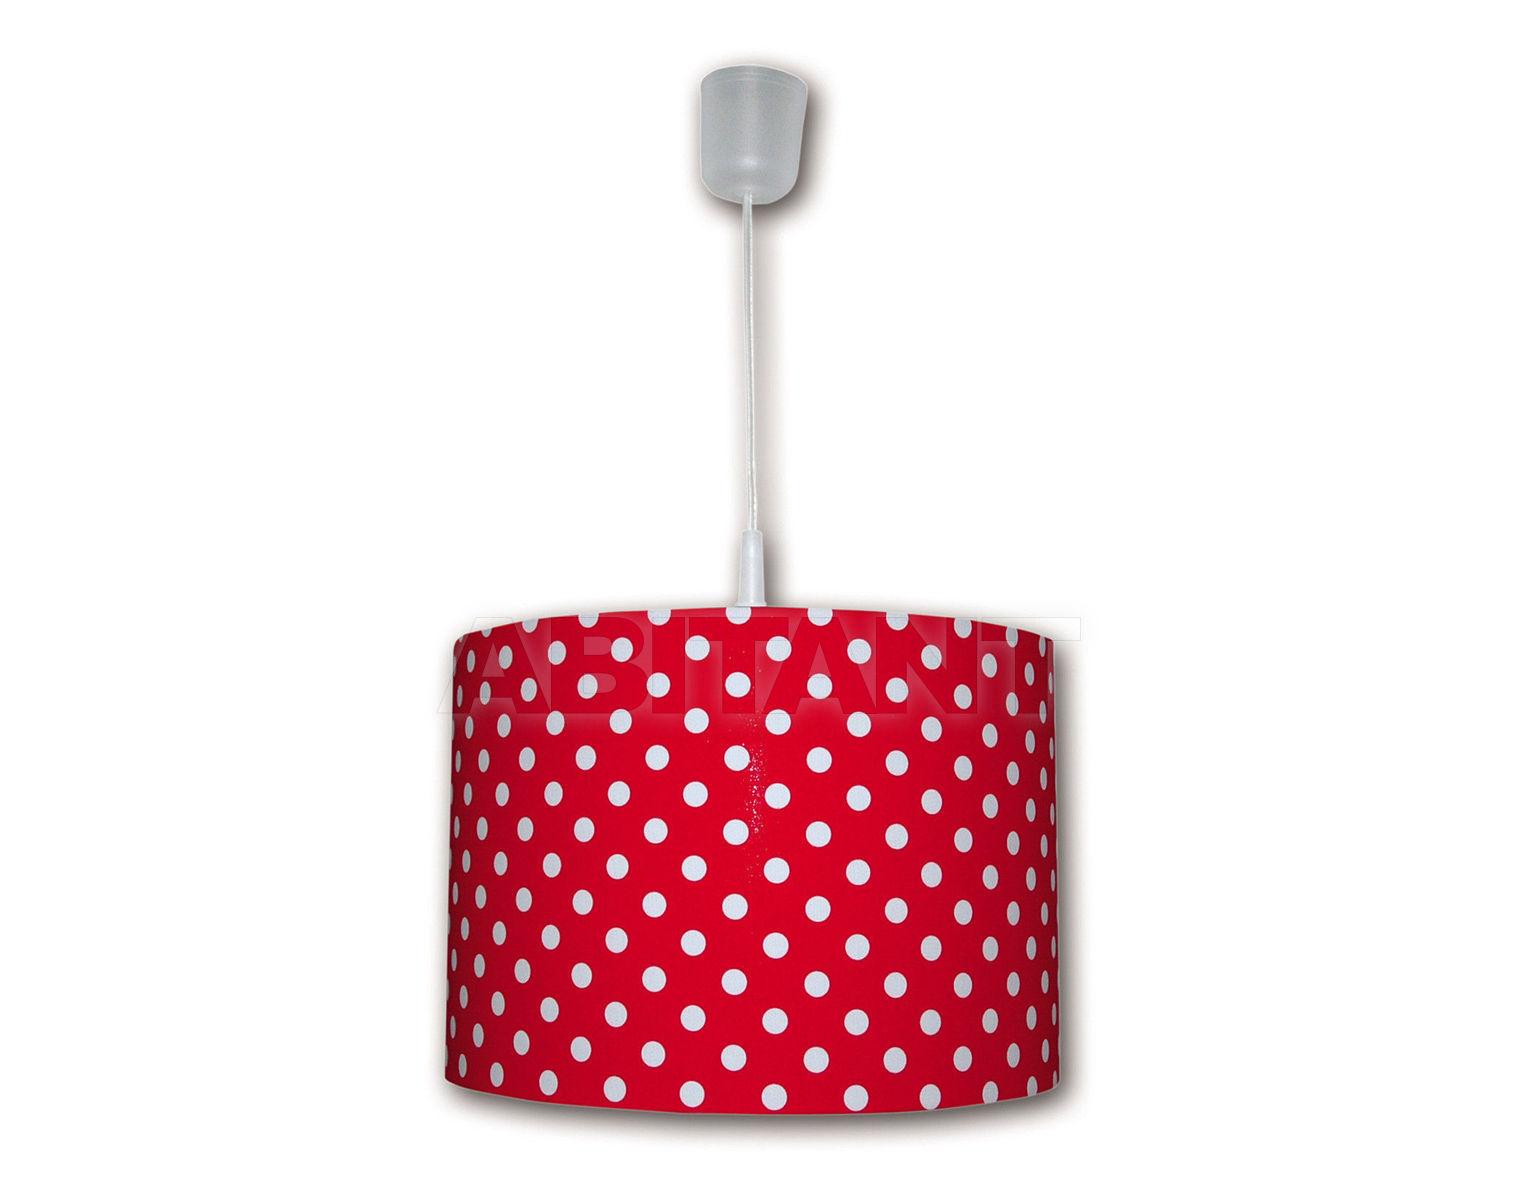 Купить Светильник для детской Waldi Leuchten Lampen Fur Kinder 2012 70281.0